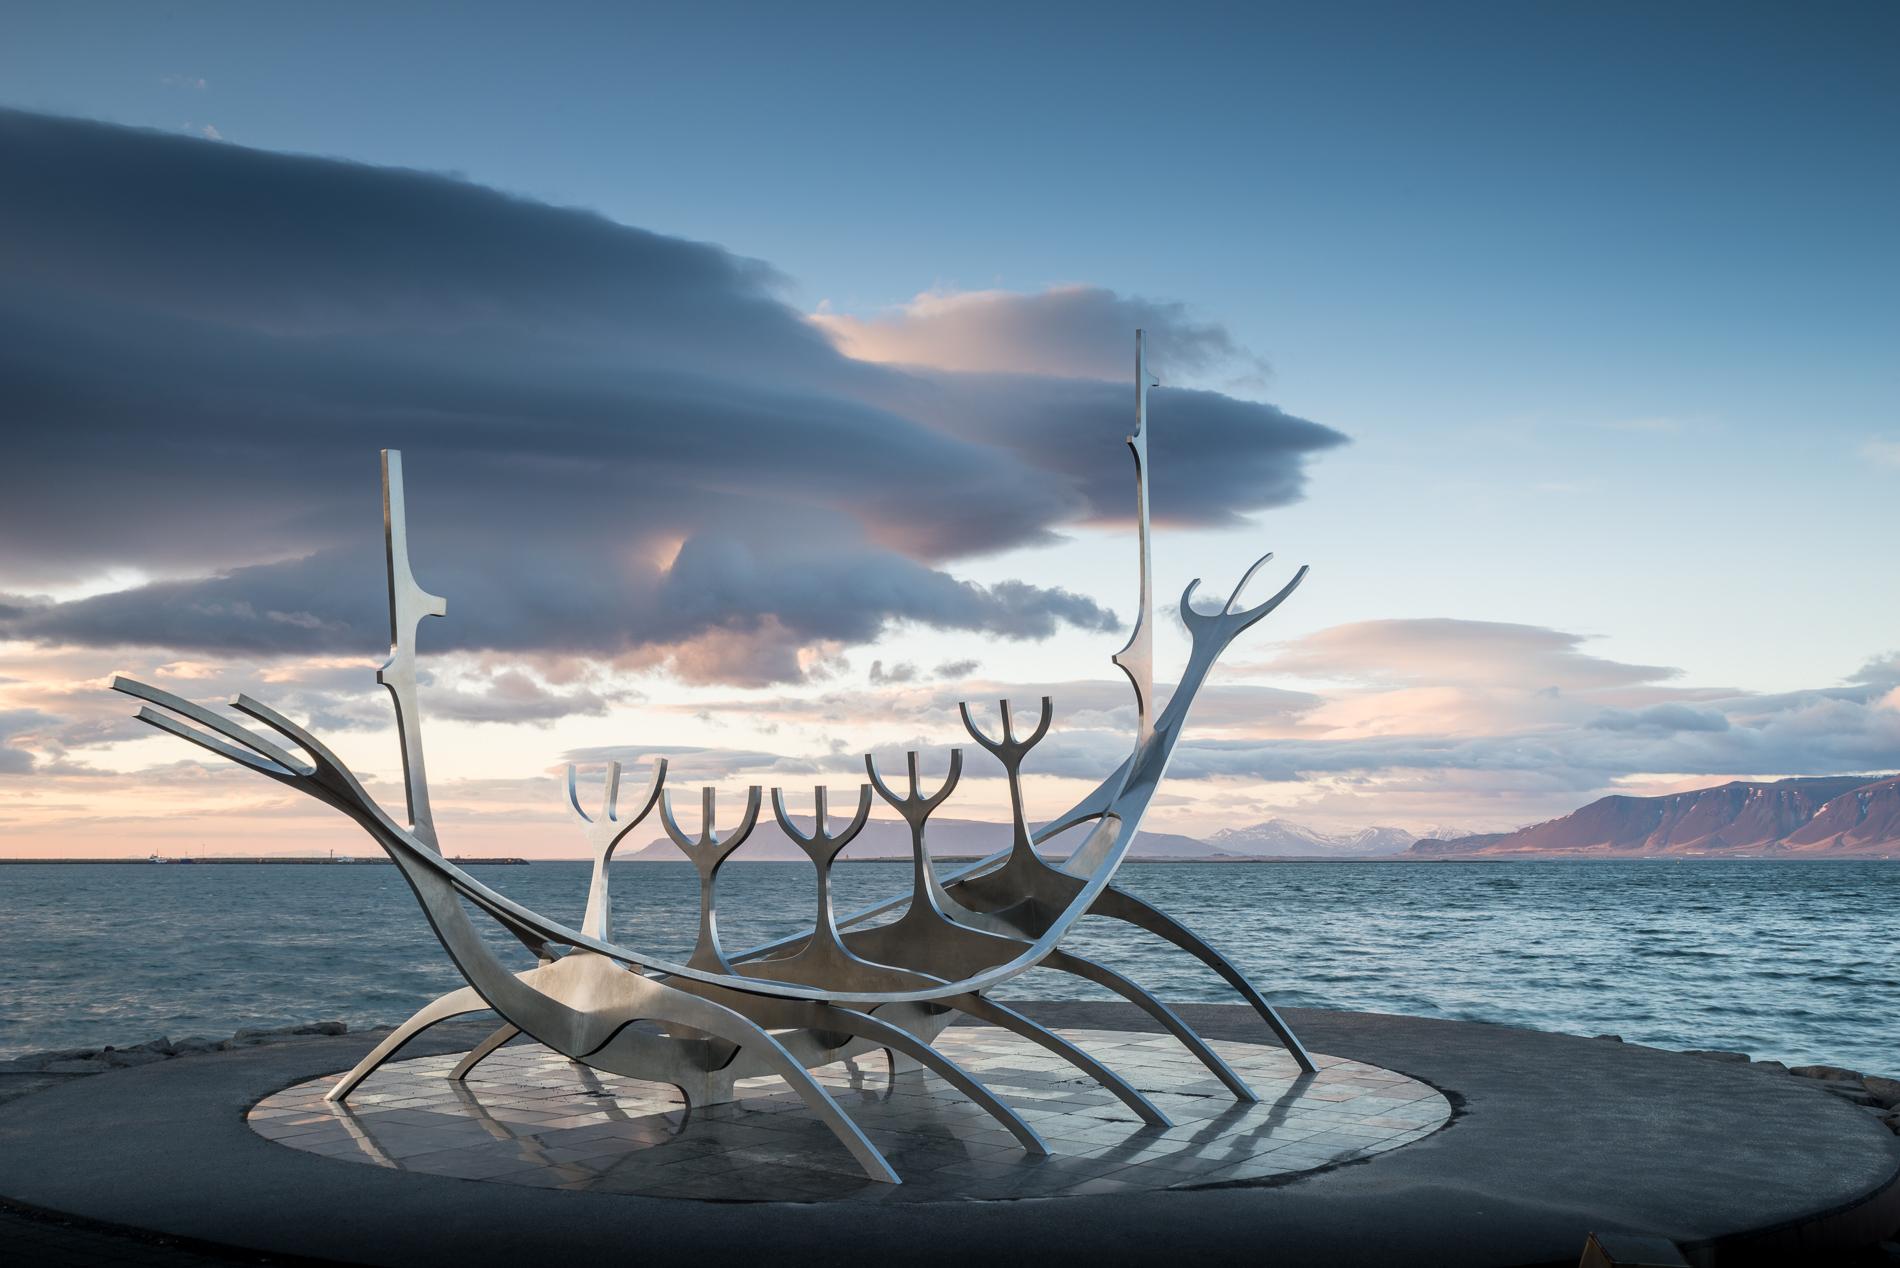 Sólfar, the Sun Voyager in Reykjavík